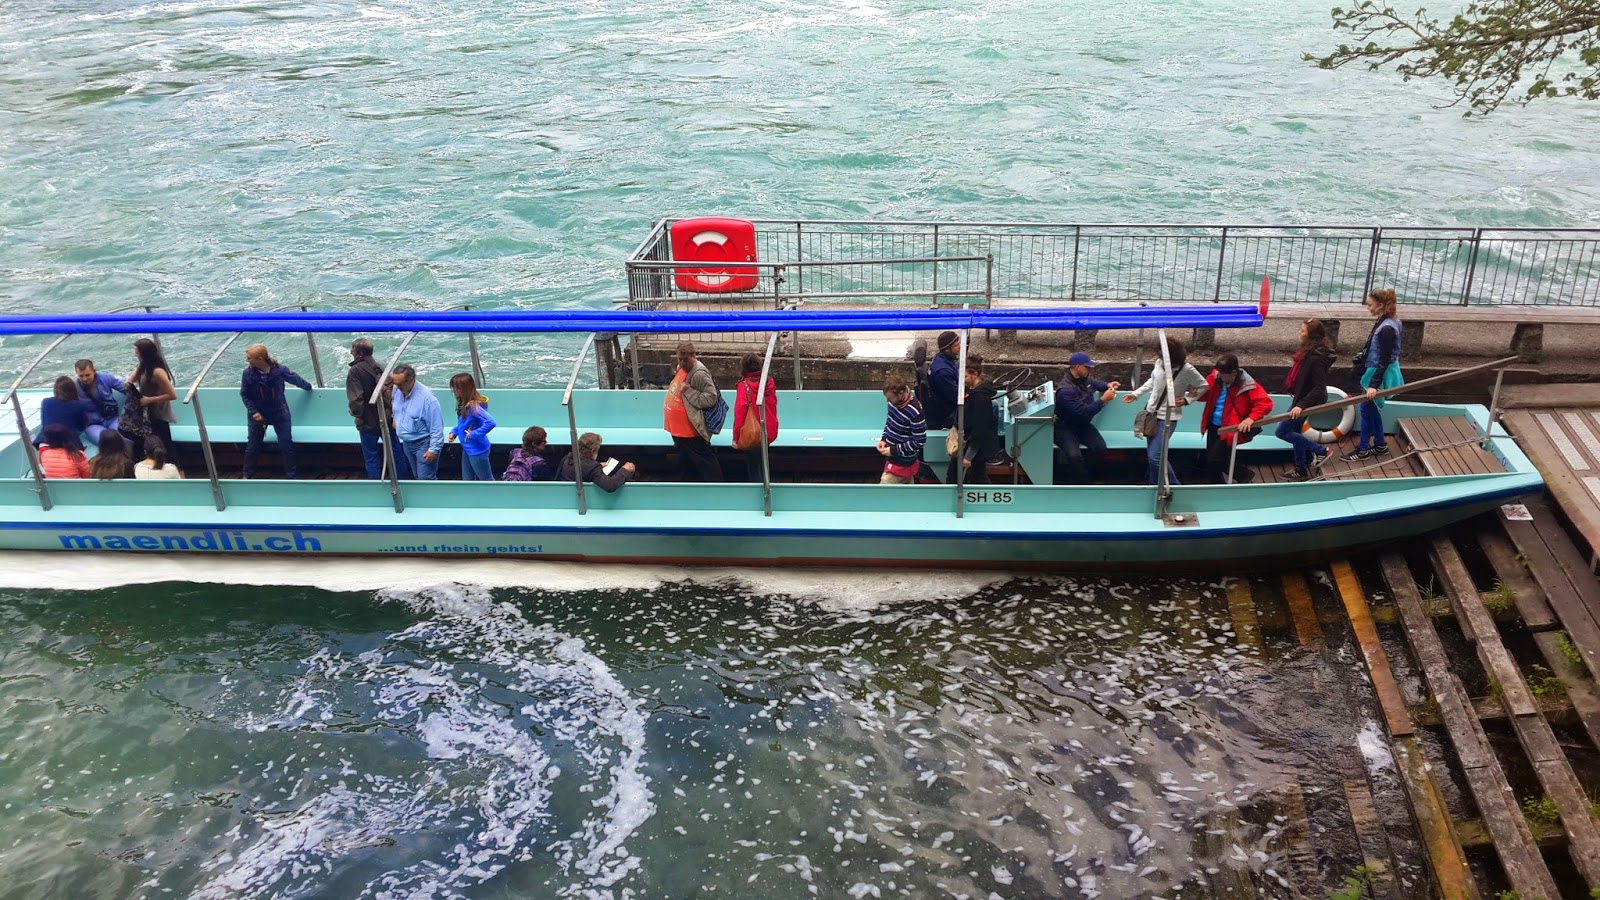 Zurich Rhinefall boat ride